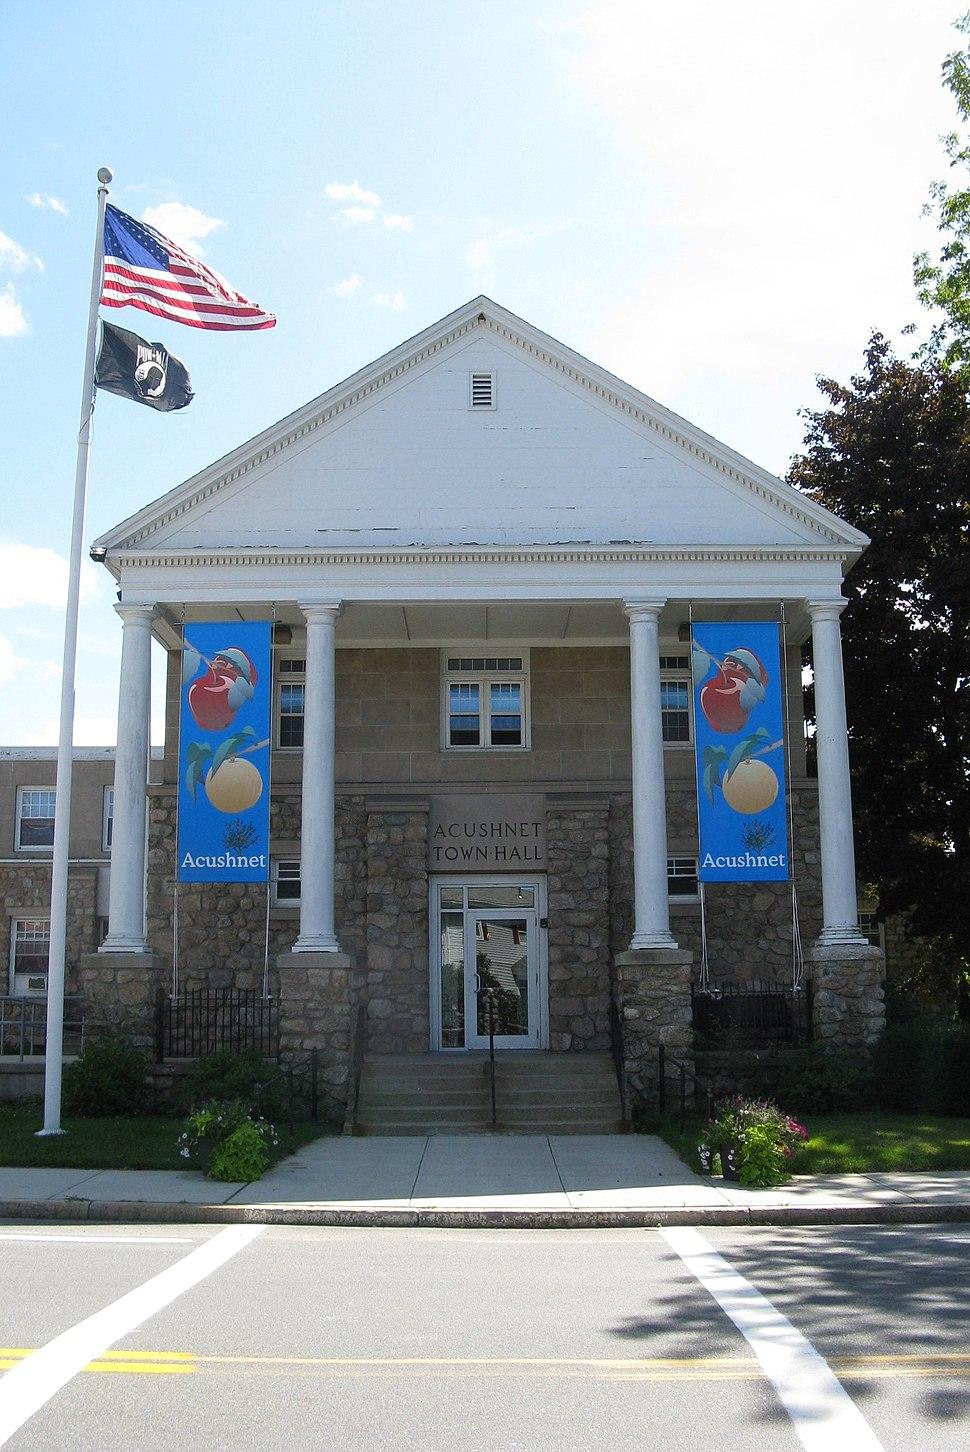 Acushnet Town Hall